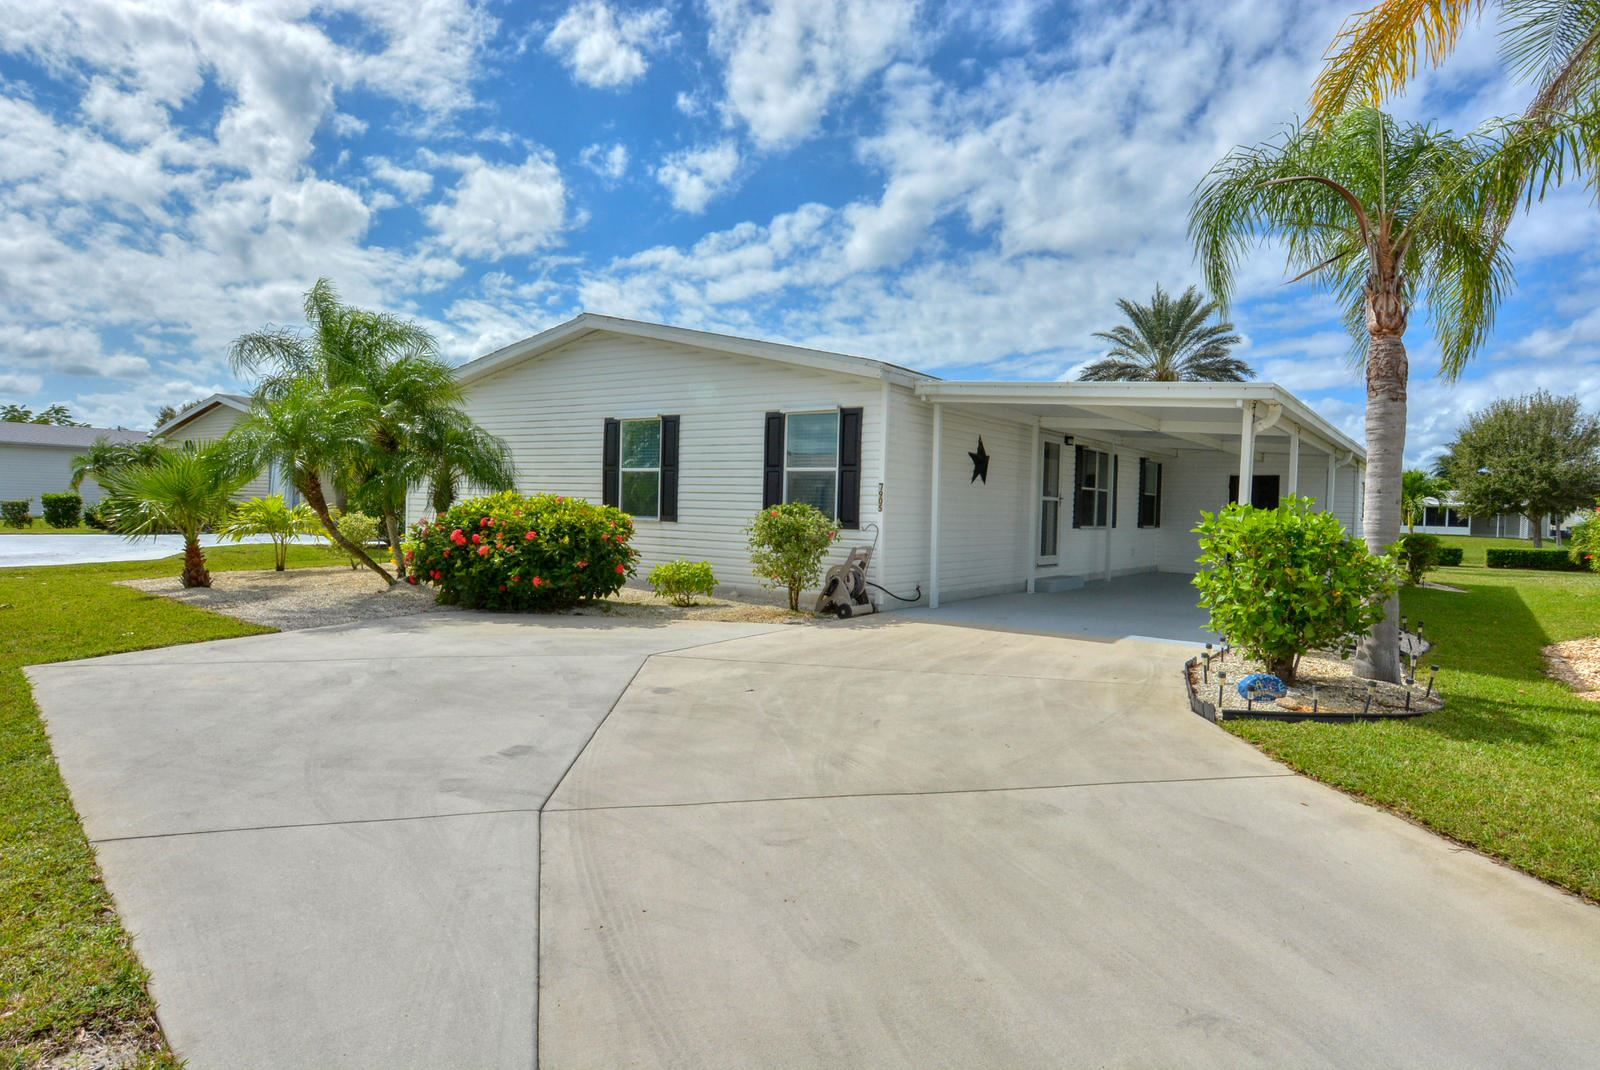 Photo of 7905 Black Tern Drive, Port Saint Lucie, FL 34952 (MLS # RX-10669018)